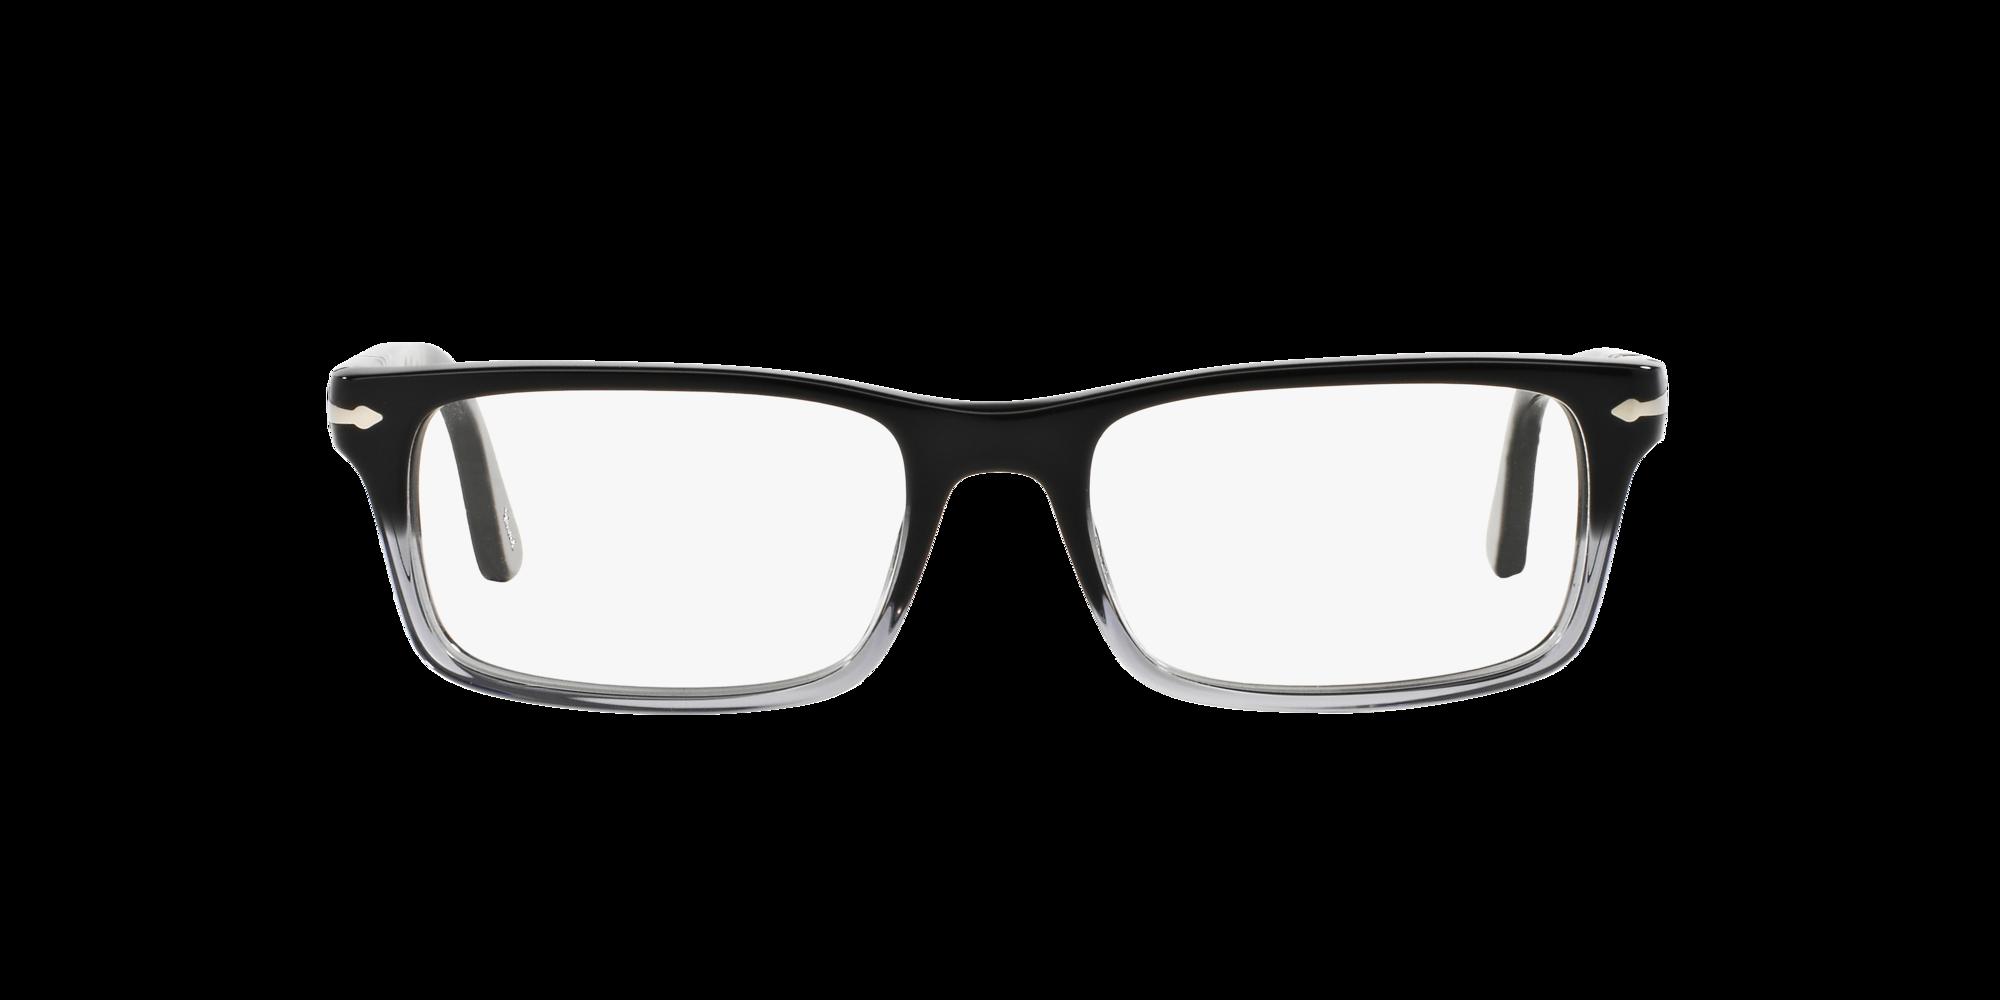 Imagen para PO3050V de LensCrafters |  Espejuelos, espejuelos graduados en línea, gafas